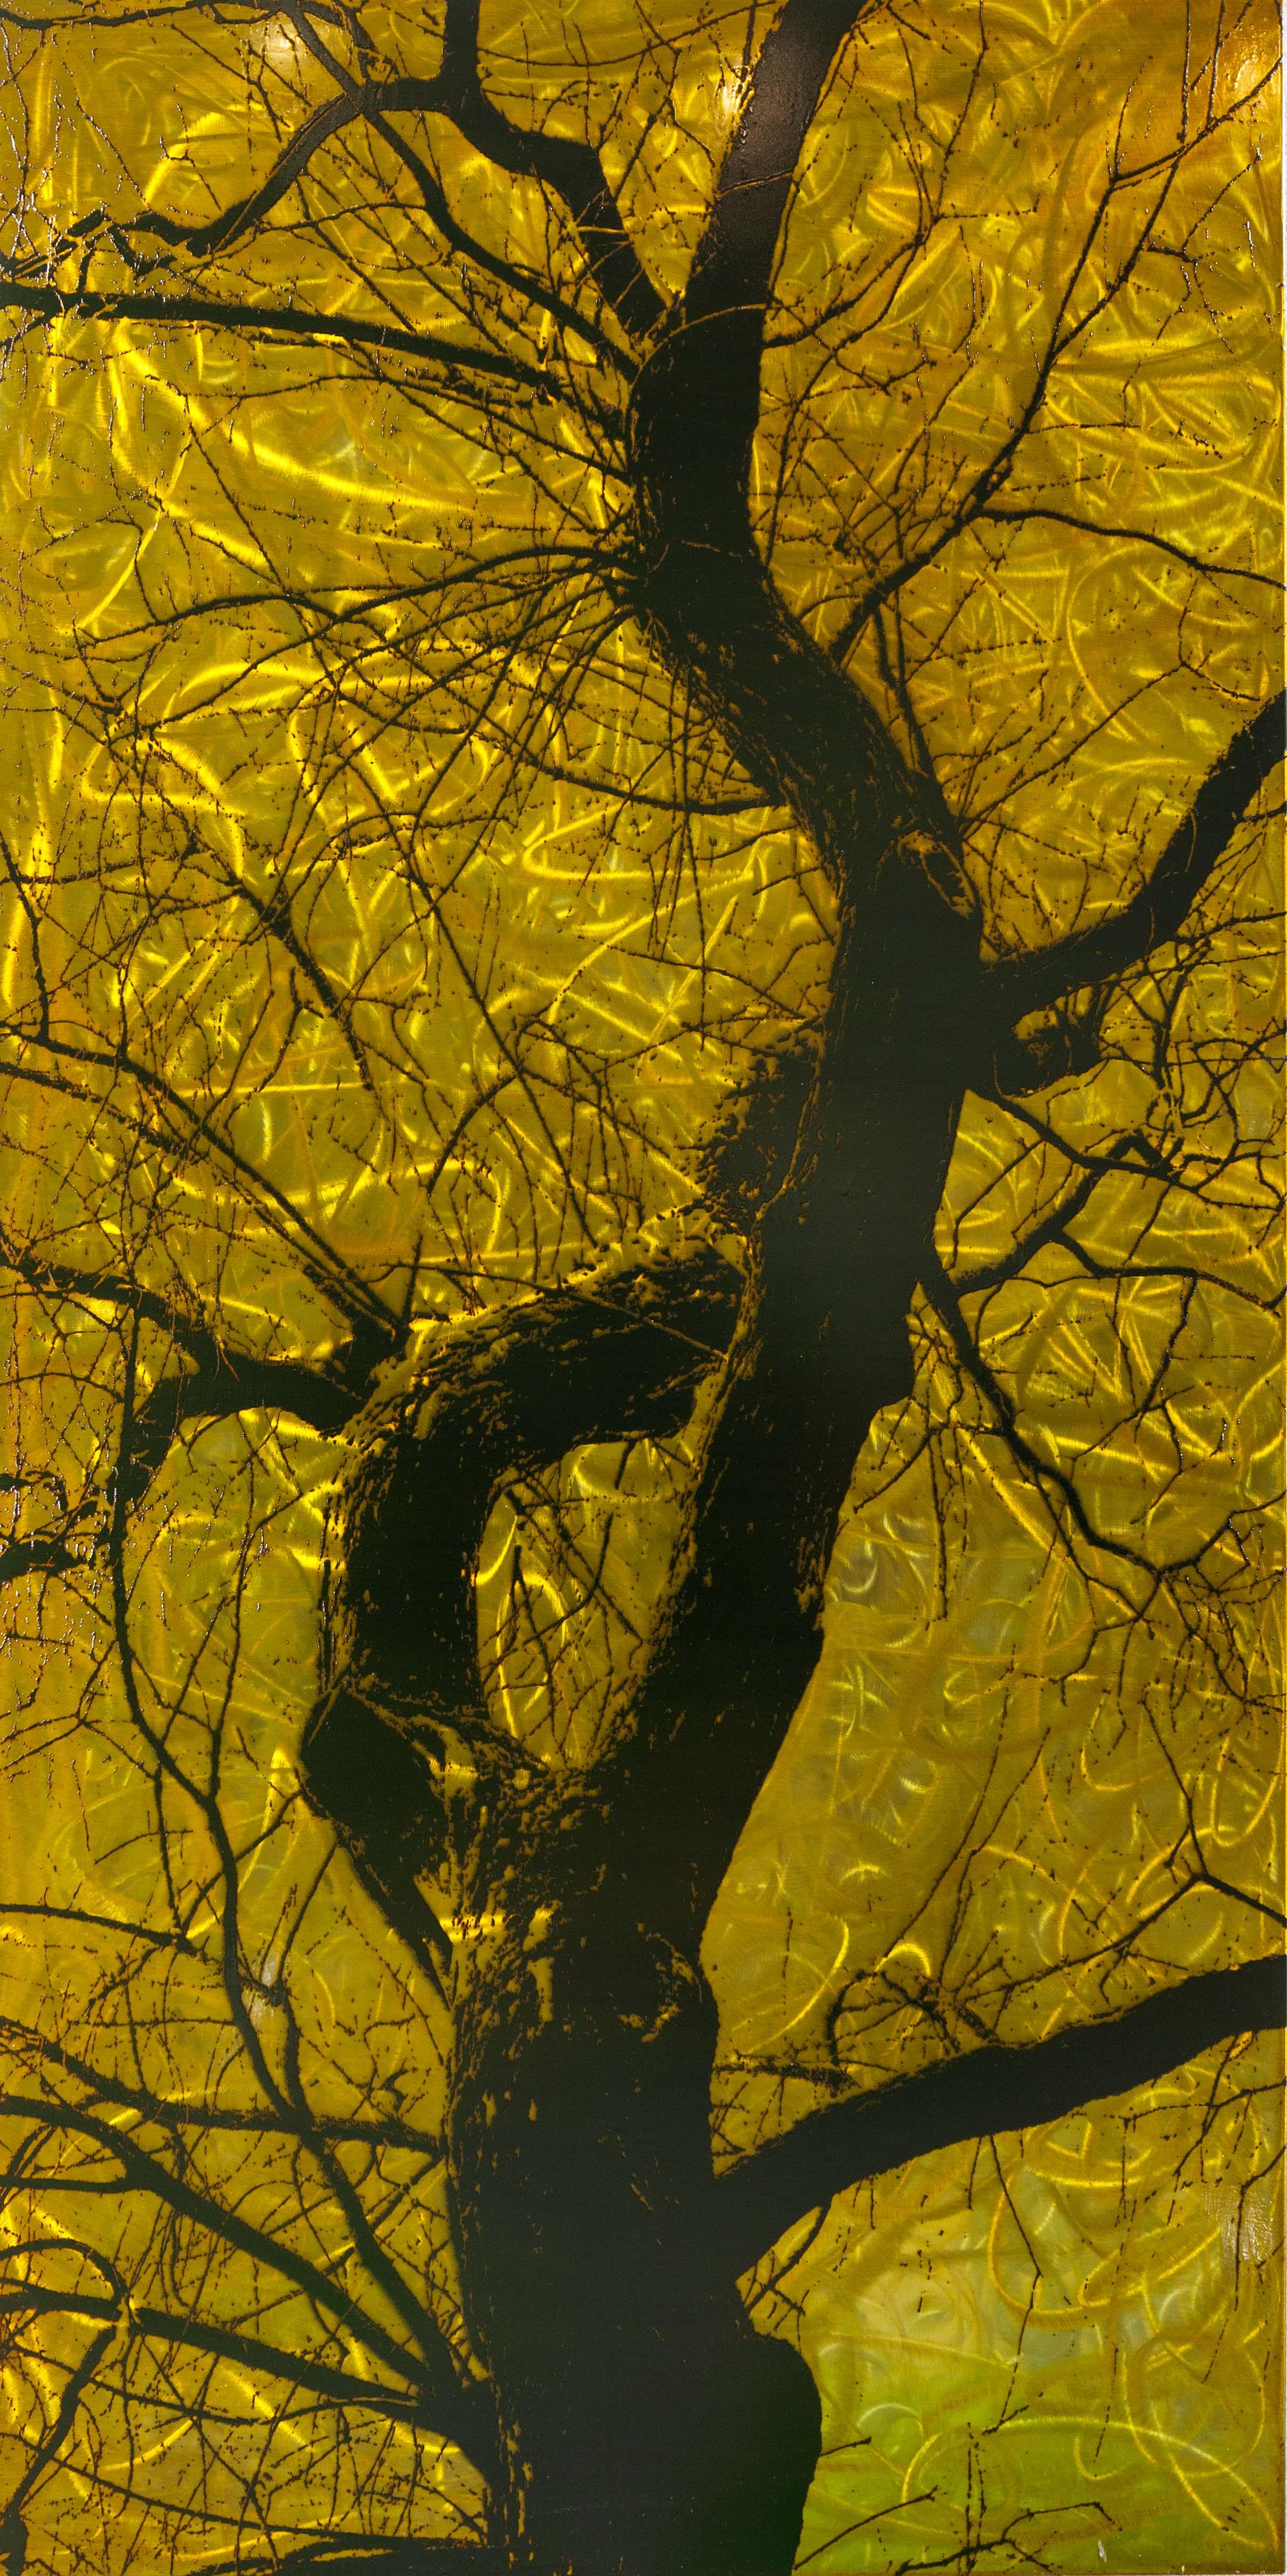 Baumschau VIII, 2014, 75x150cm, Übermalter Reliefdruckauf Stahl